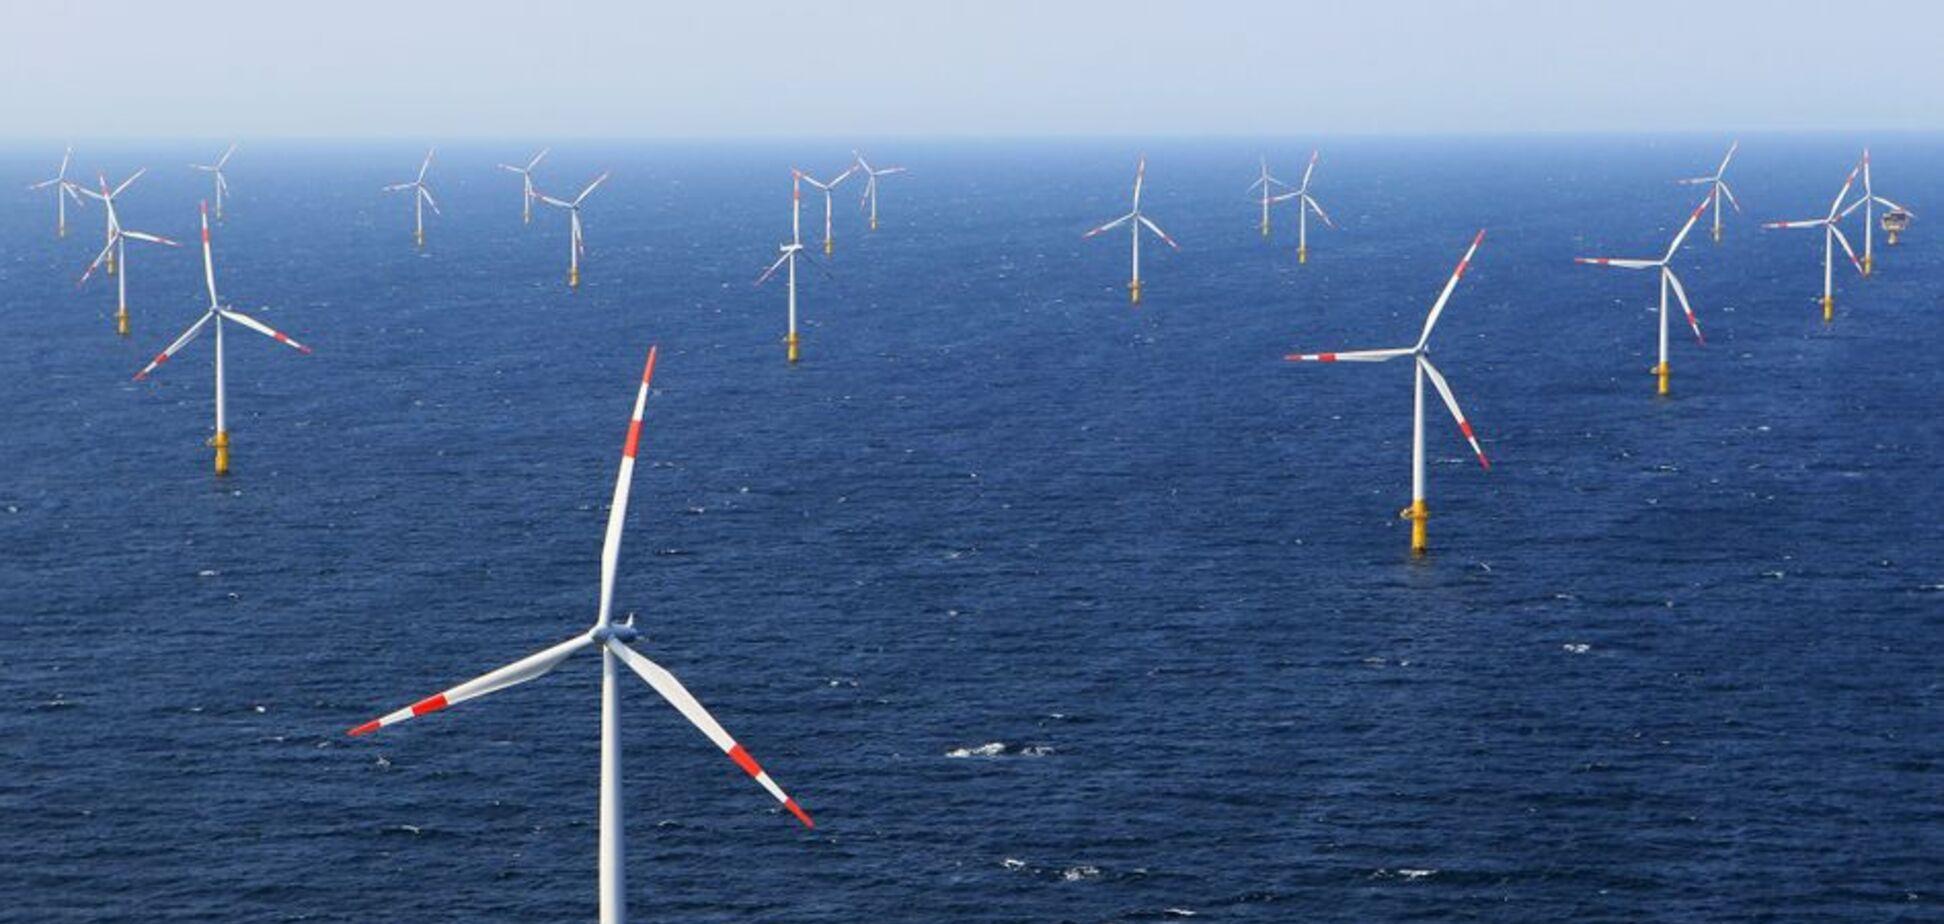 У Нідерландах витратять мільярди на видобуток 'зеленого' водню на енергії вітру